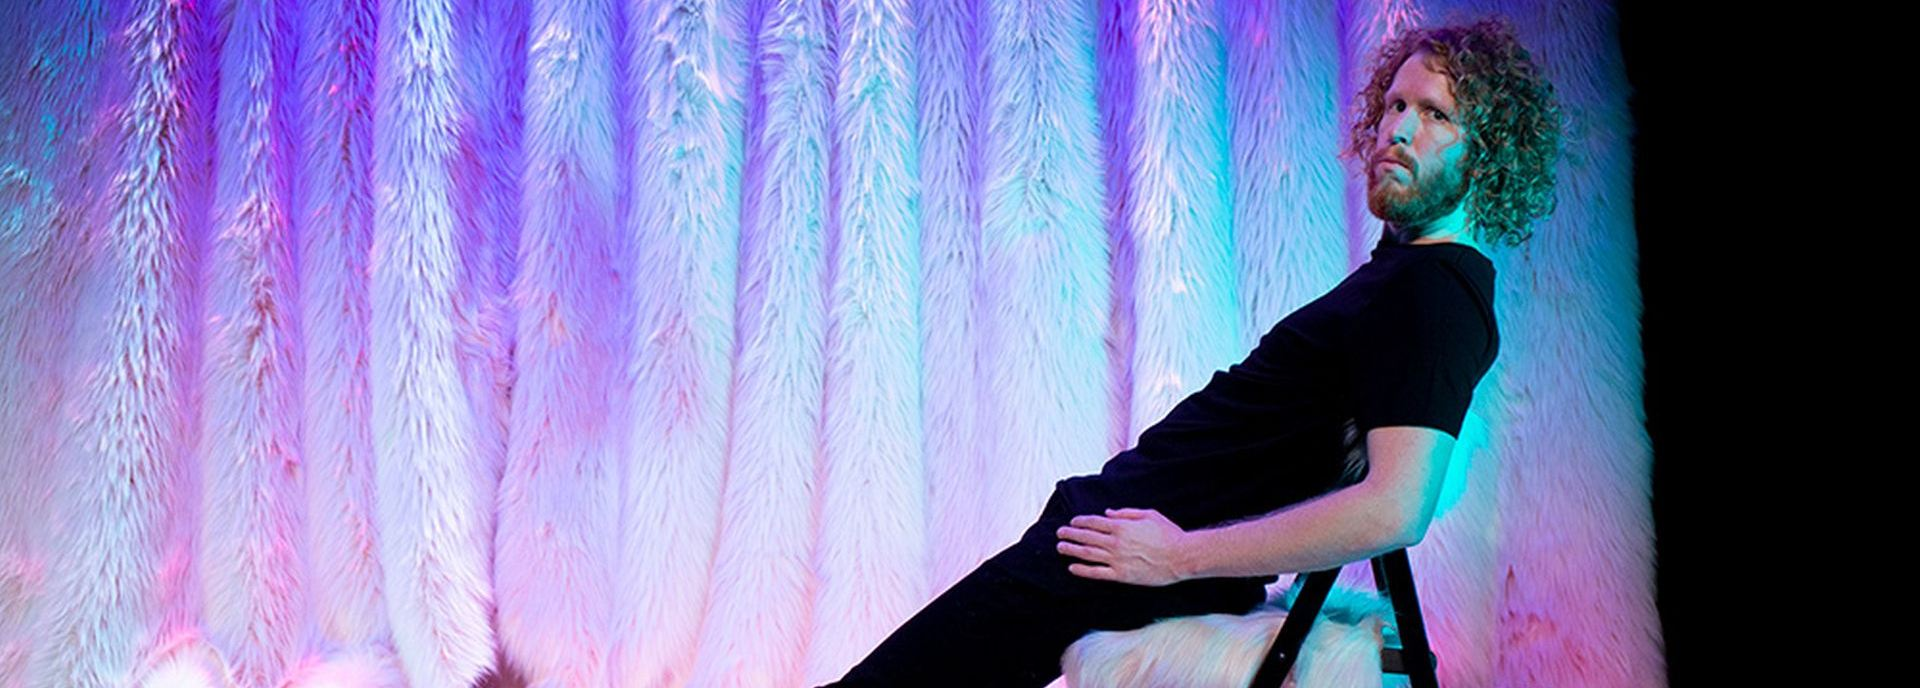 Cabaretier Kasper van der Laan legt uit waarom we dingen doen zoals we ze doen en waarom dingen zijn zoals ze zijn. Maak kennis zijn unieke kijk op onze leefwereld, hij is onvoorspelbaar en ongekend grappig.